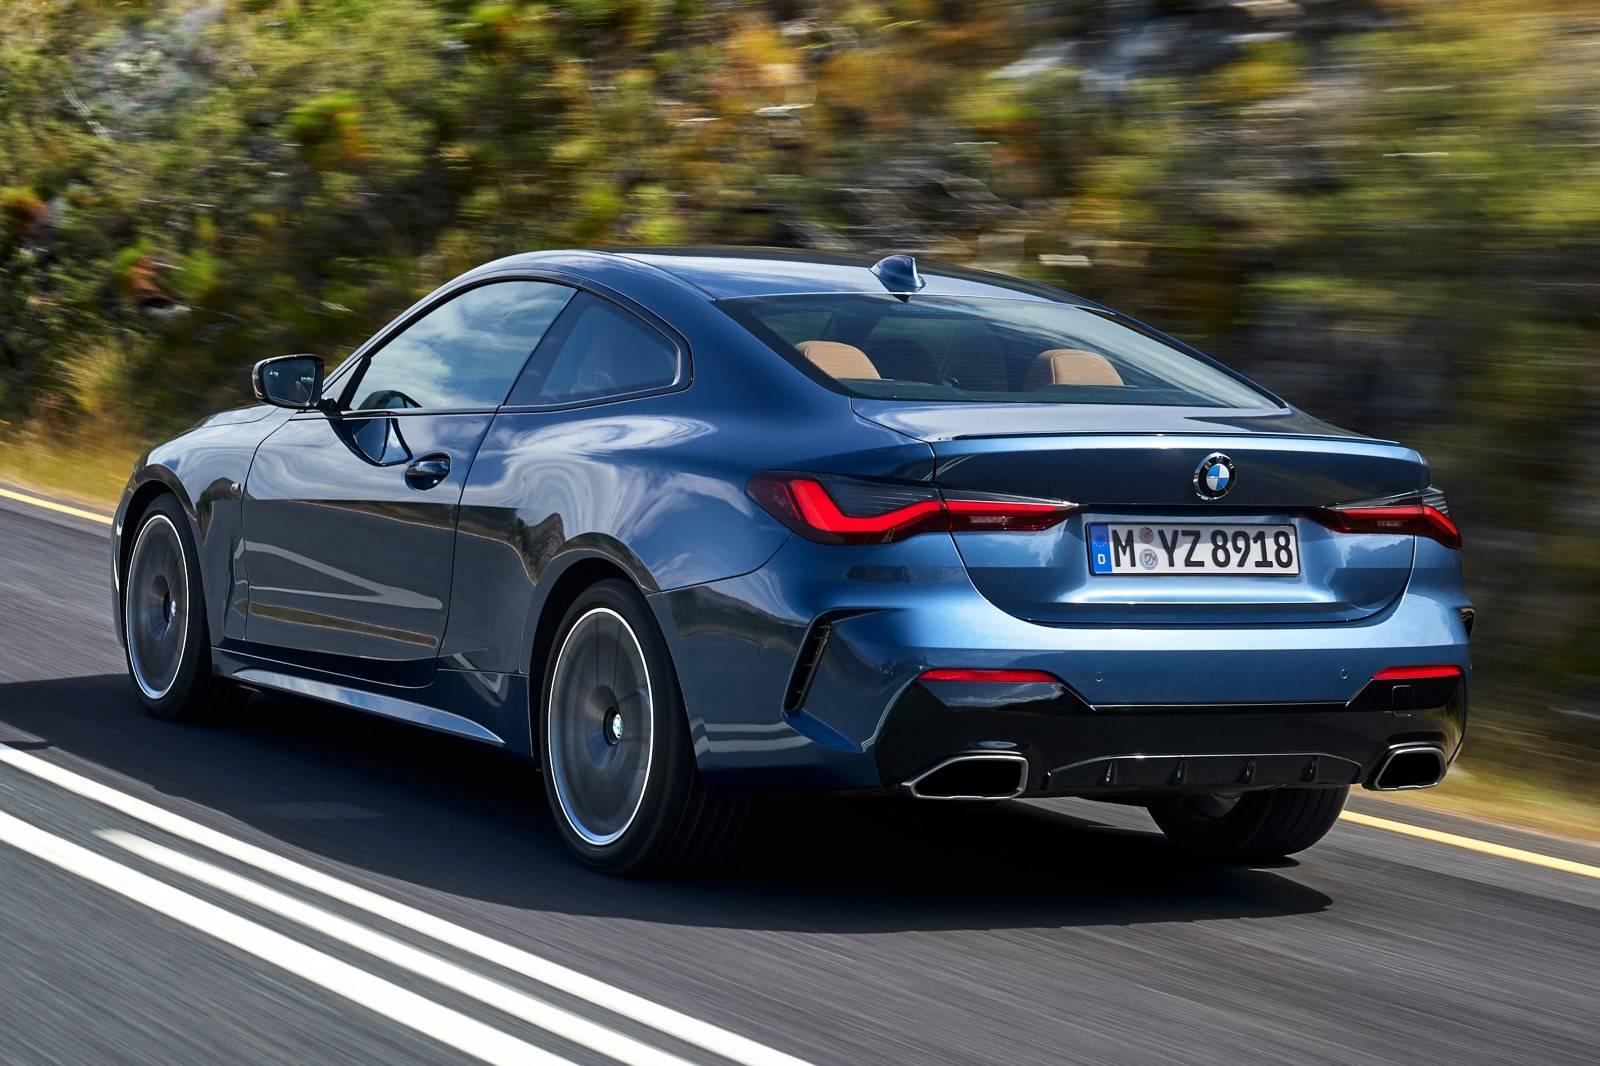 BMW 4 Series Coupe G22 - кардинально новый дизайн 5